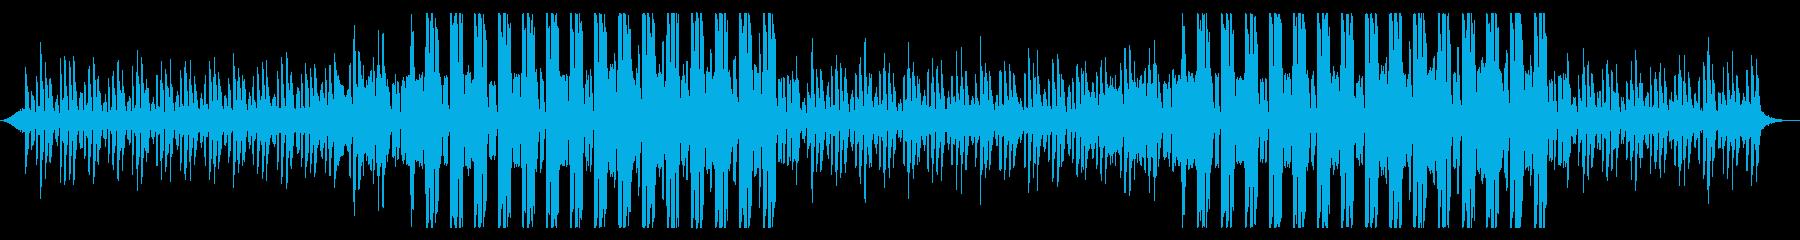 【リズム無し】企業VP・CM シンセの再生済みの波形